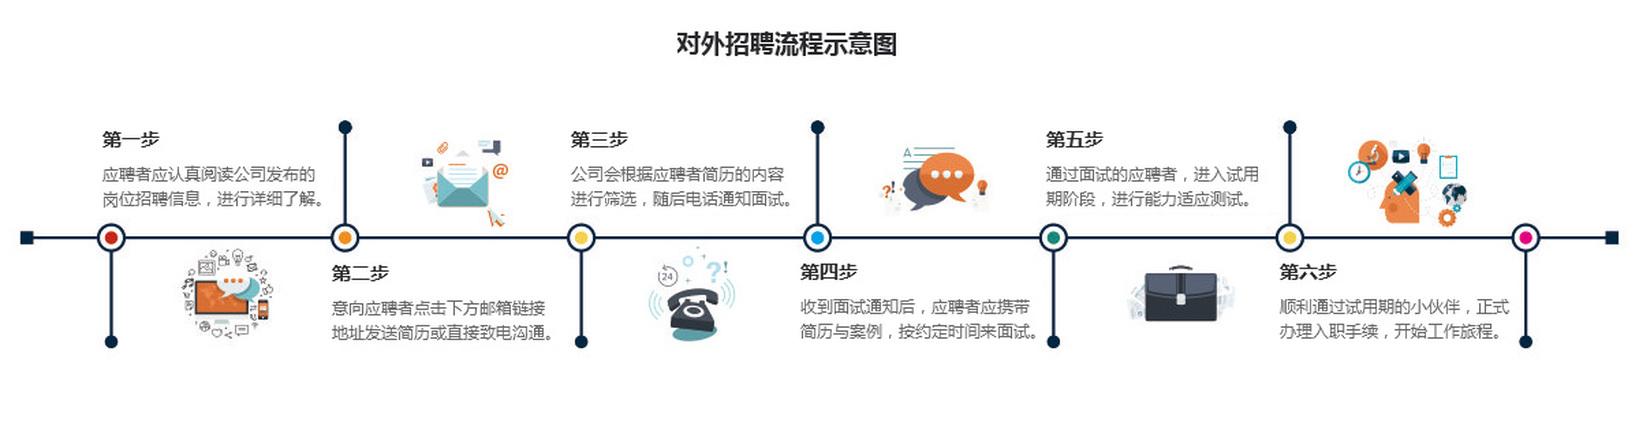 海潮涟漪(天津)网络科技有限公司 - 网站小程序建设,手机AI建站,百度品牌优化推广,域名云主机,企业邮箱服务